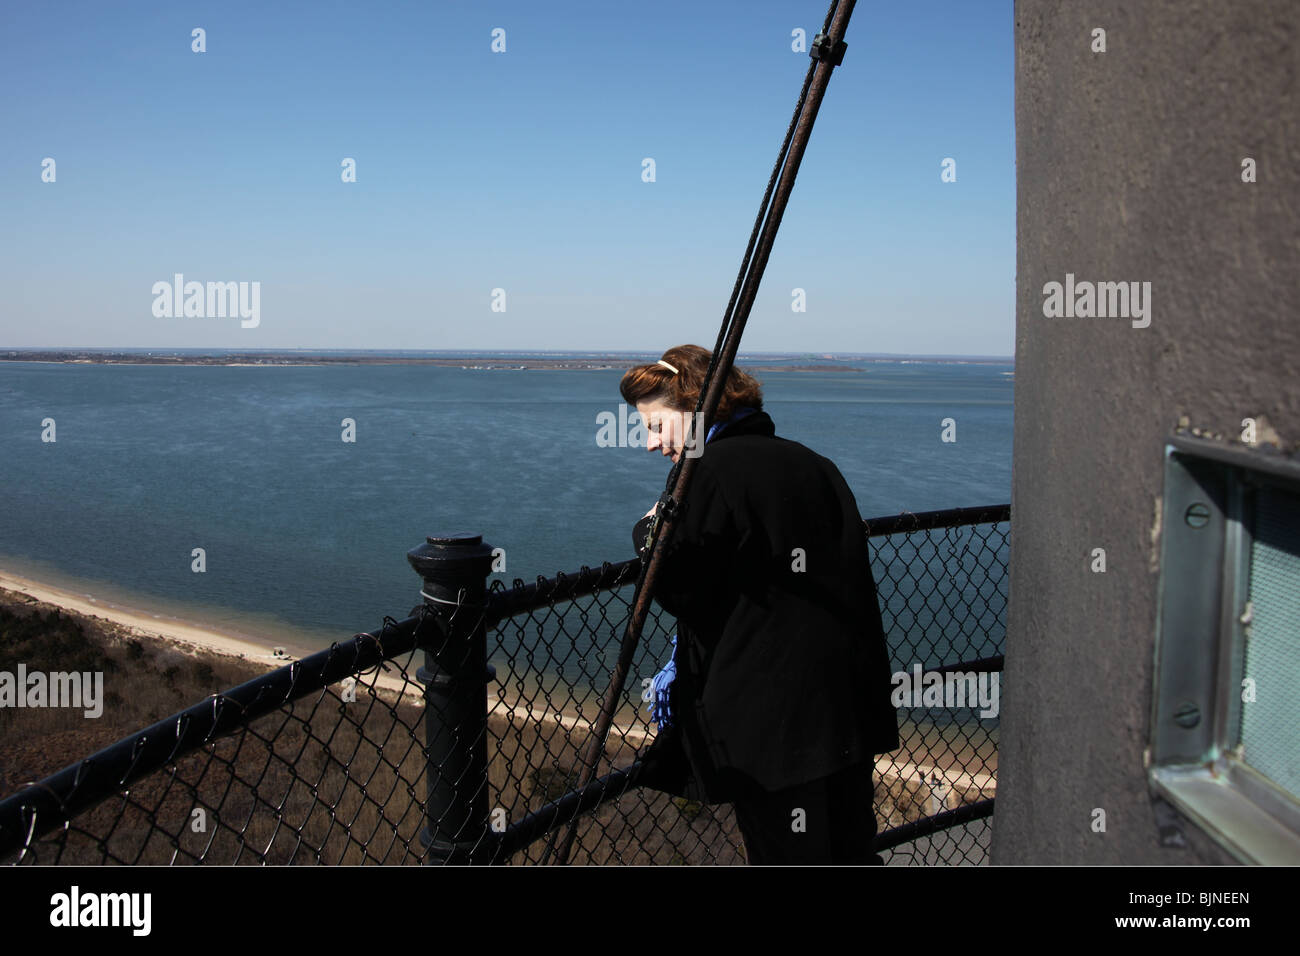 Frau Geniesst Die Aussicht Von Oben Auf Fire Island Lighthouse Robert Moses State Park